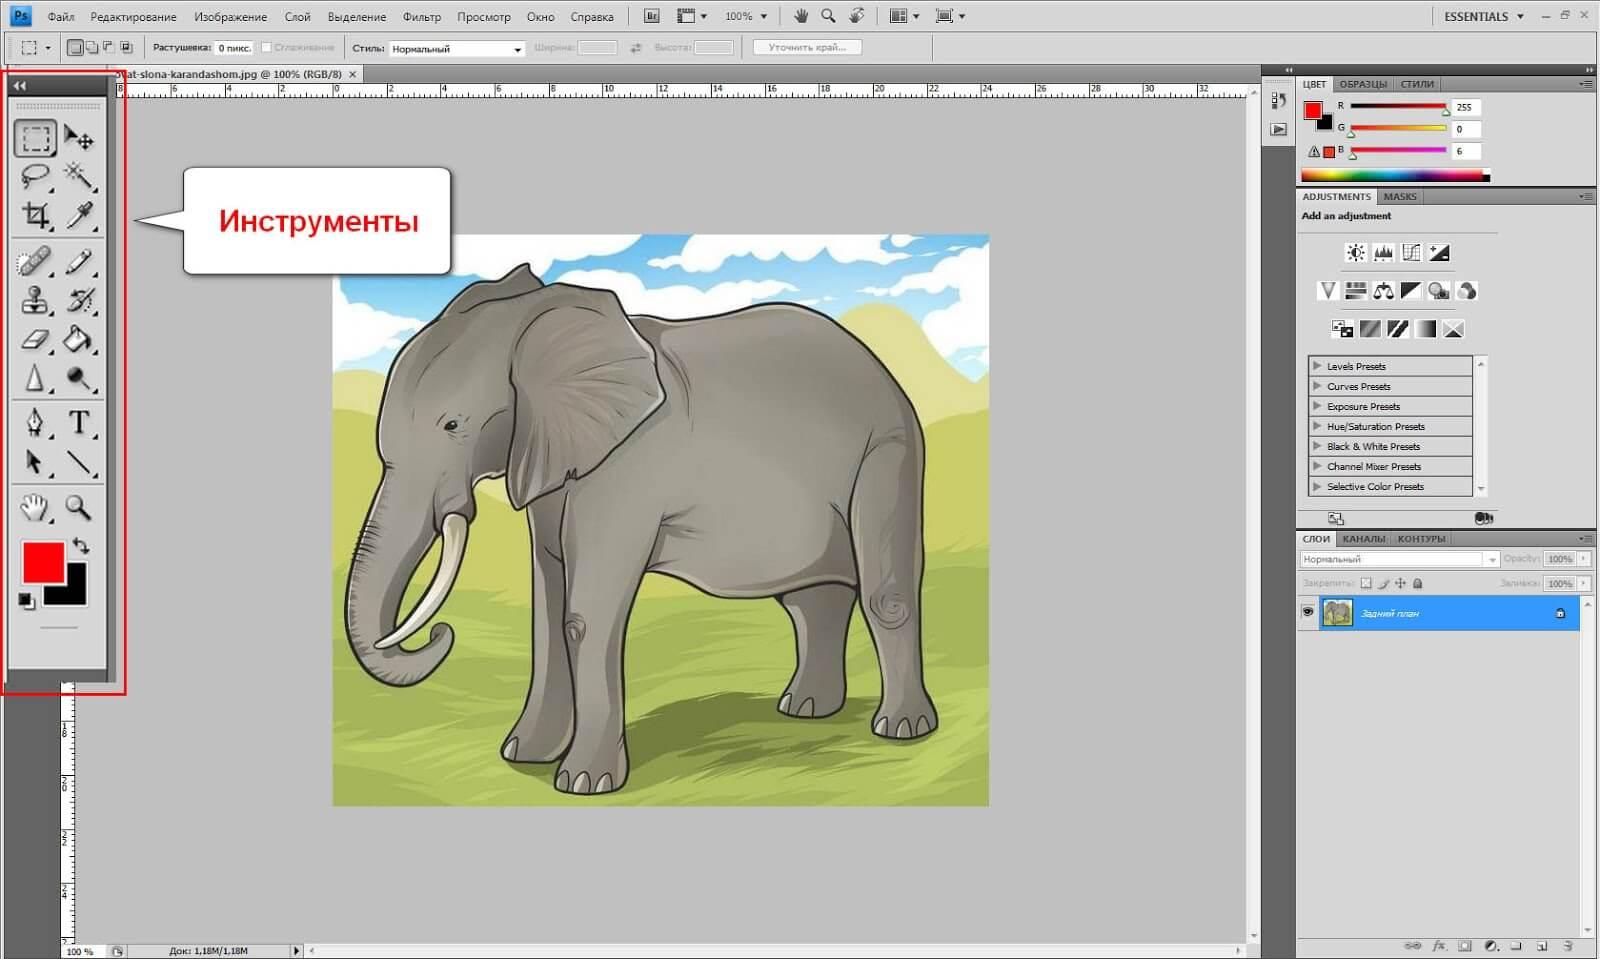 панель инструментов Photoshop